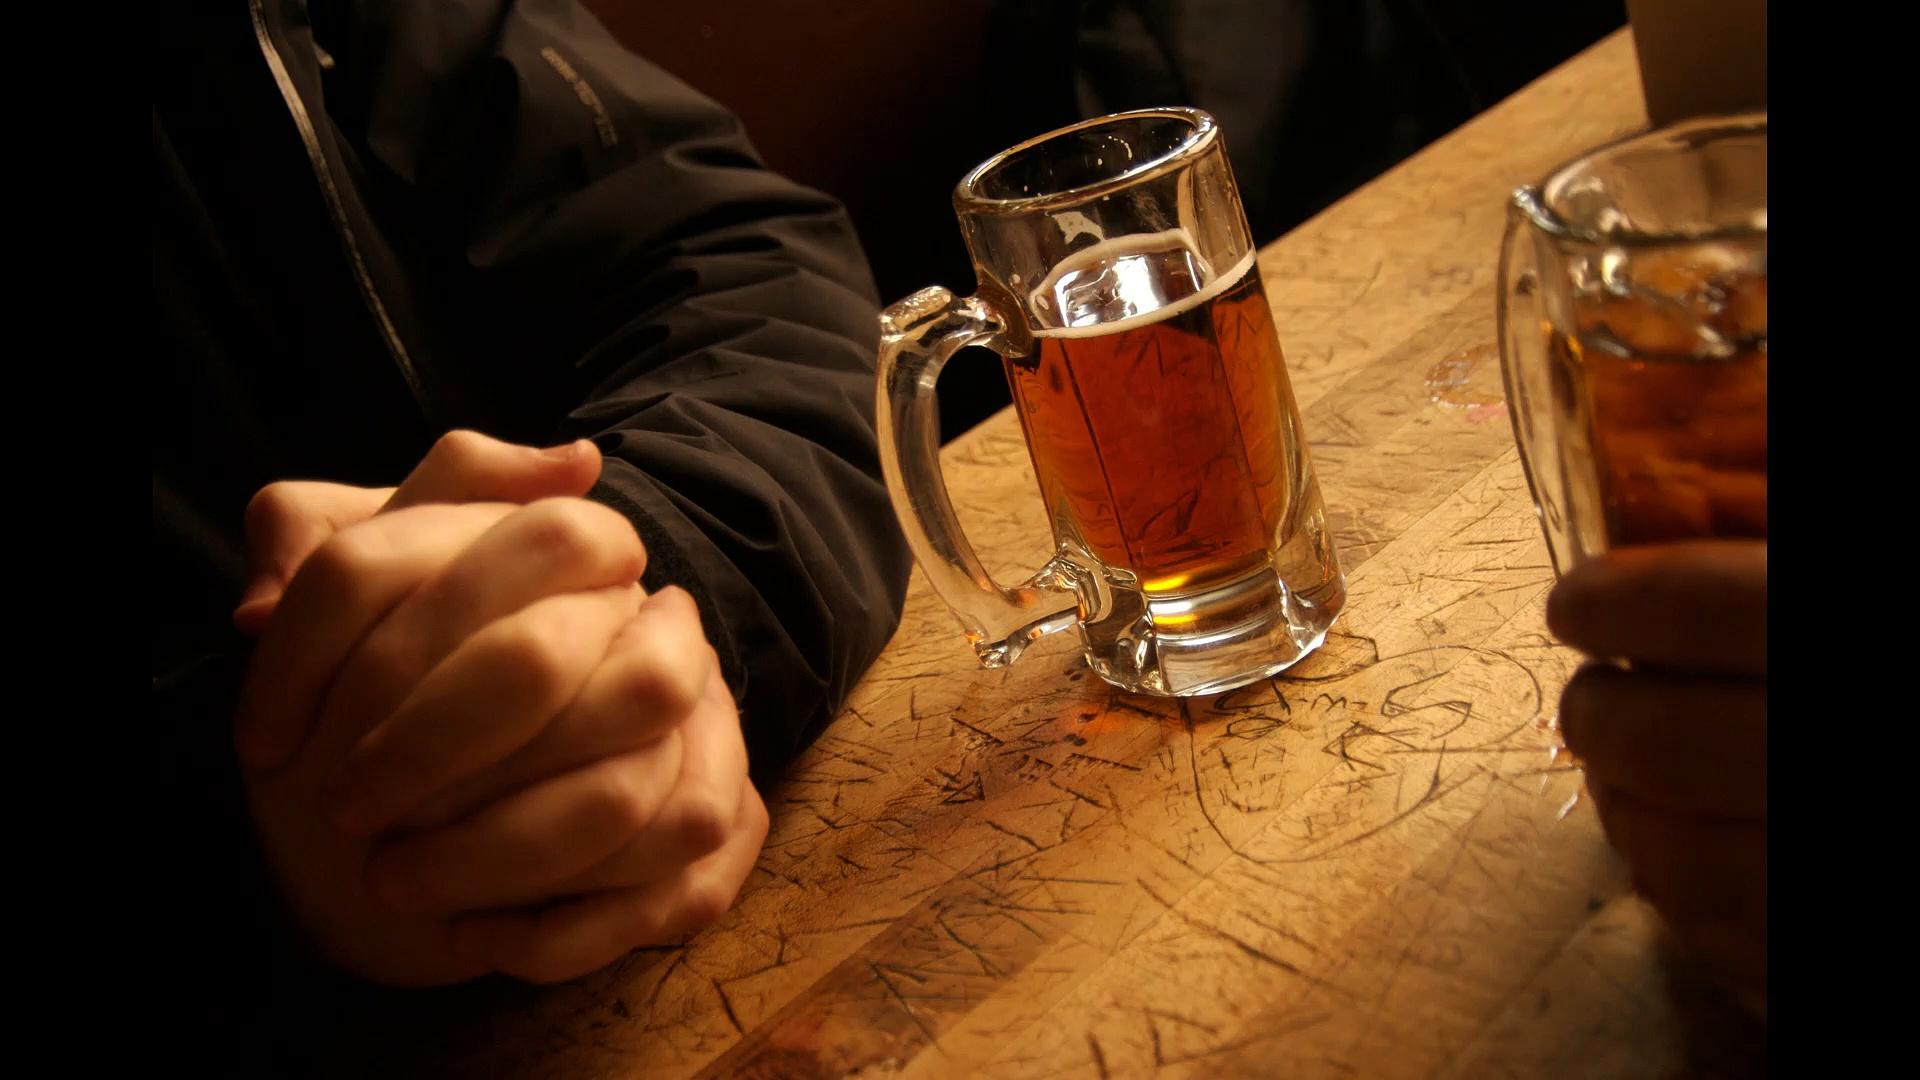 21Hz Alcoholism